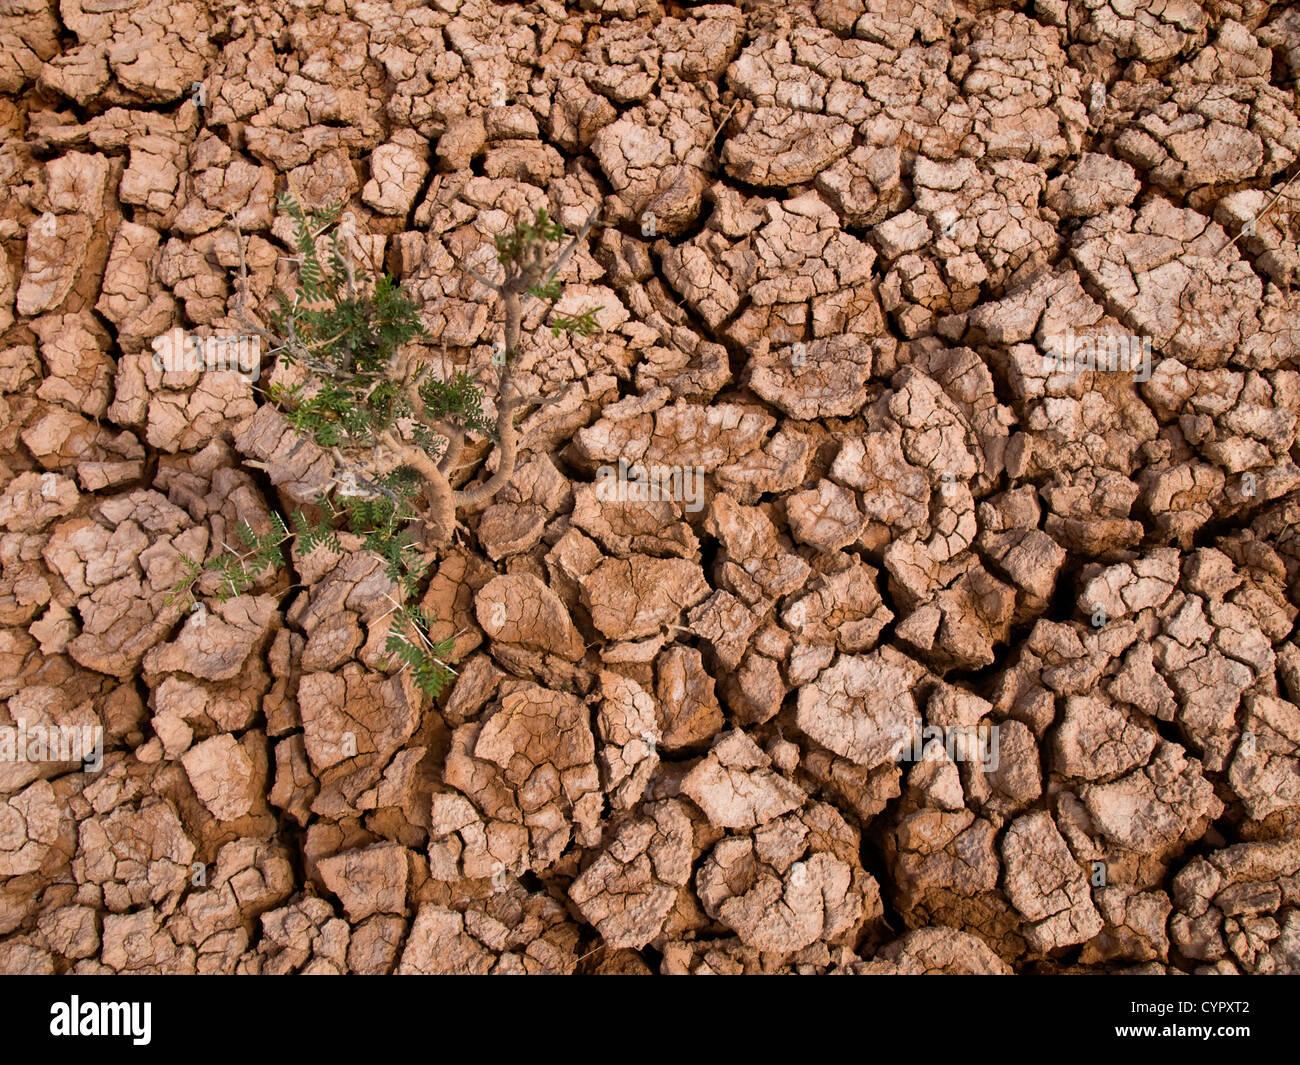 Une épineuse plante poussant dans un sol terre cuite. Photo Stock